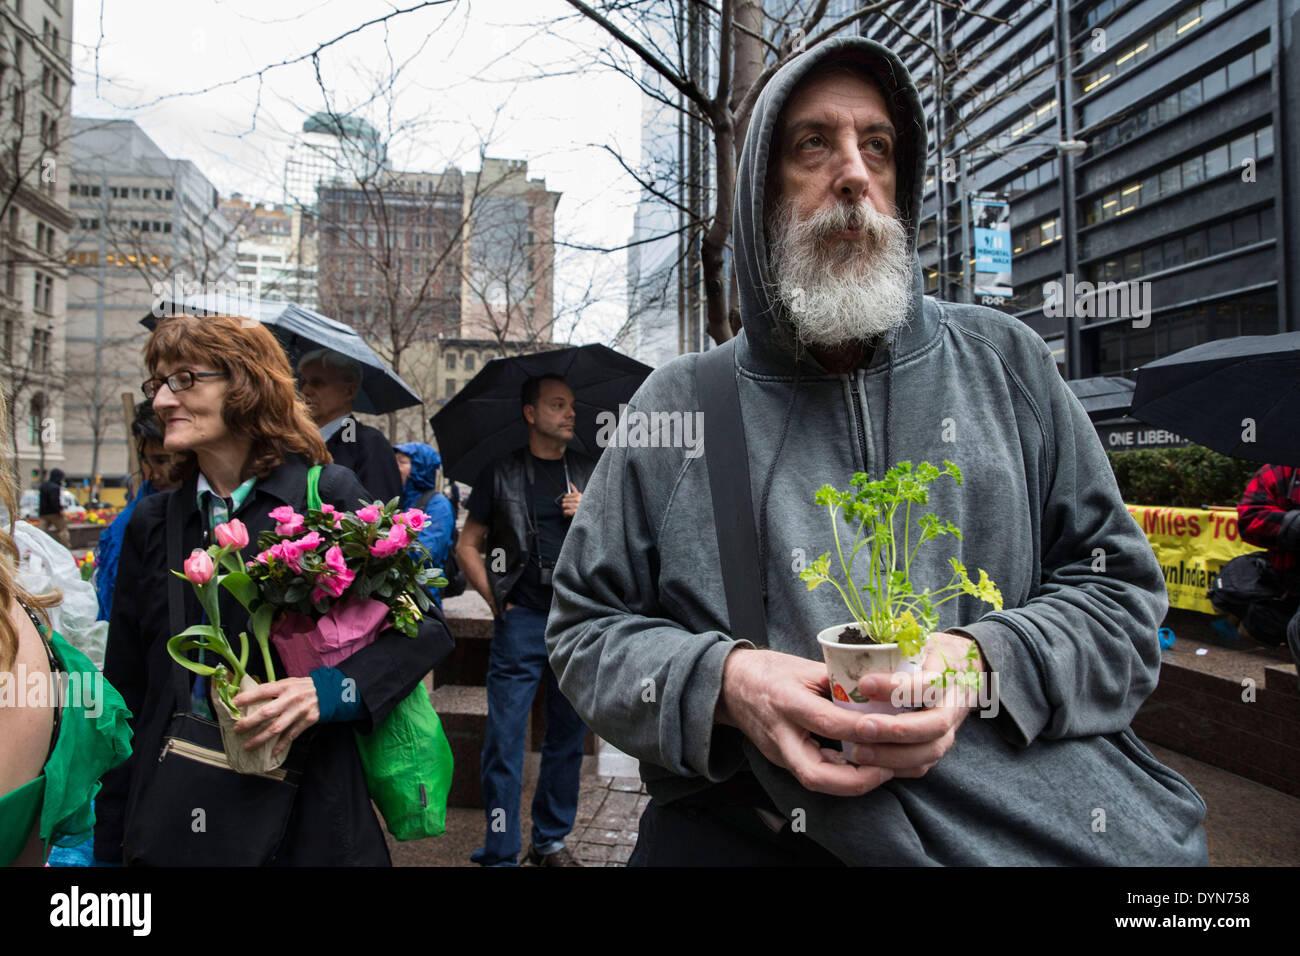 New York, USA. 22 avril 2014. Les militants de l'environnement participer à une manifestation à Zuccotti Park sur le jour de la Terre. Les manifestants ont scandé des plantes, et ''un changement de système pas le changement climatique, en tenant ' visent à de grandes entreprises qui n'adhèrent pas aux préoccupations environnementales. Les manifestants ont également exprimé que capatilisim l'exploitation de la nature est le revers à l'exploitation du travail humain. Crédit: Scott Houston/Alamy Live News Photo Stock